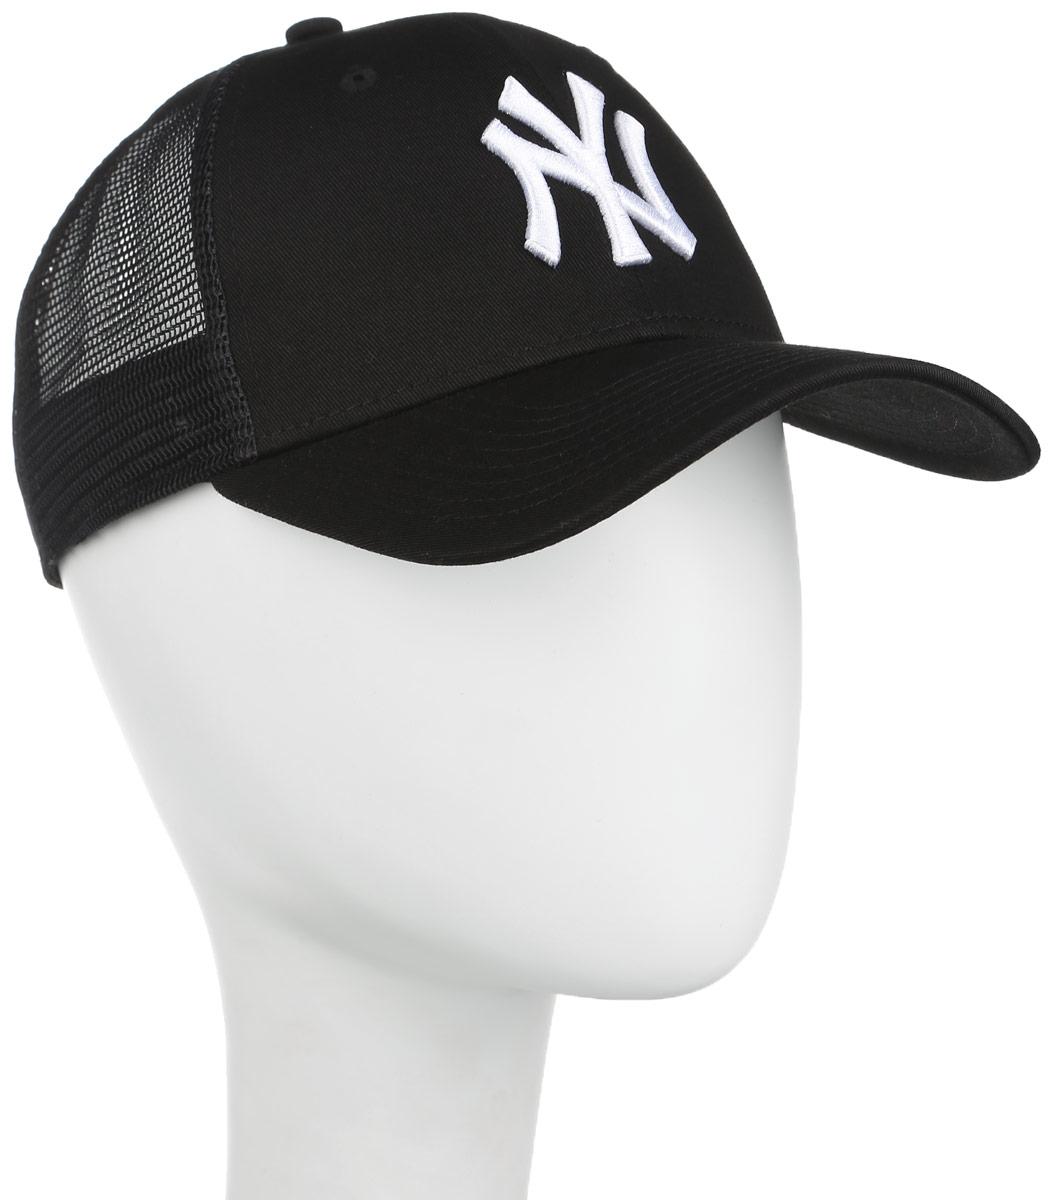 Бейсболка Core 9 Forty Trucker. 11210311-BLK112103011-BLKСтильная бейсболка Forty Flecked Trucker, выполненная из высококачественных материалов, идеально подойдет для прогулок, занятий спортом и отдыха. Изделие оформлено объемным вышитым логотипом знаменитой бейсбольной команды New York Yankees и логотипом бренда New Era. Бейсболка надежно защитит вас от солнца и ветра. Классическая кепка с сетчатой задней частью станет правильным выбором. Объем бейсболки регулируется пластиковым фиксатором. Ничто не говорит о настоящем любителе путешествий больше, чем любимая кепка. Эта модель станет отличным аксессуаром и дополнит ваш повседневный образ.